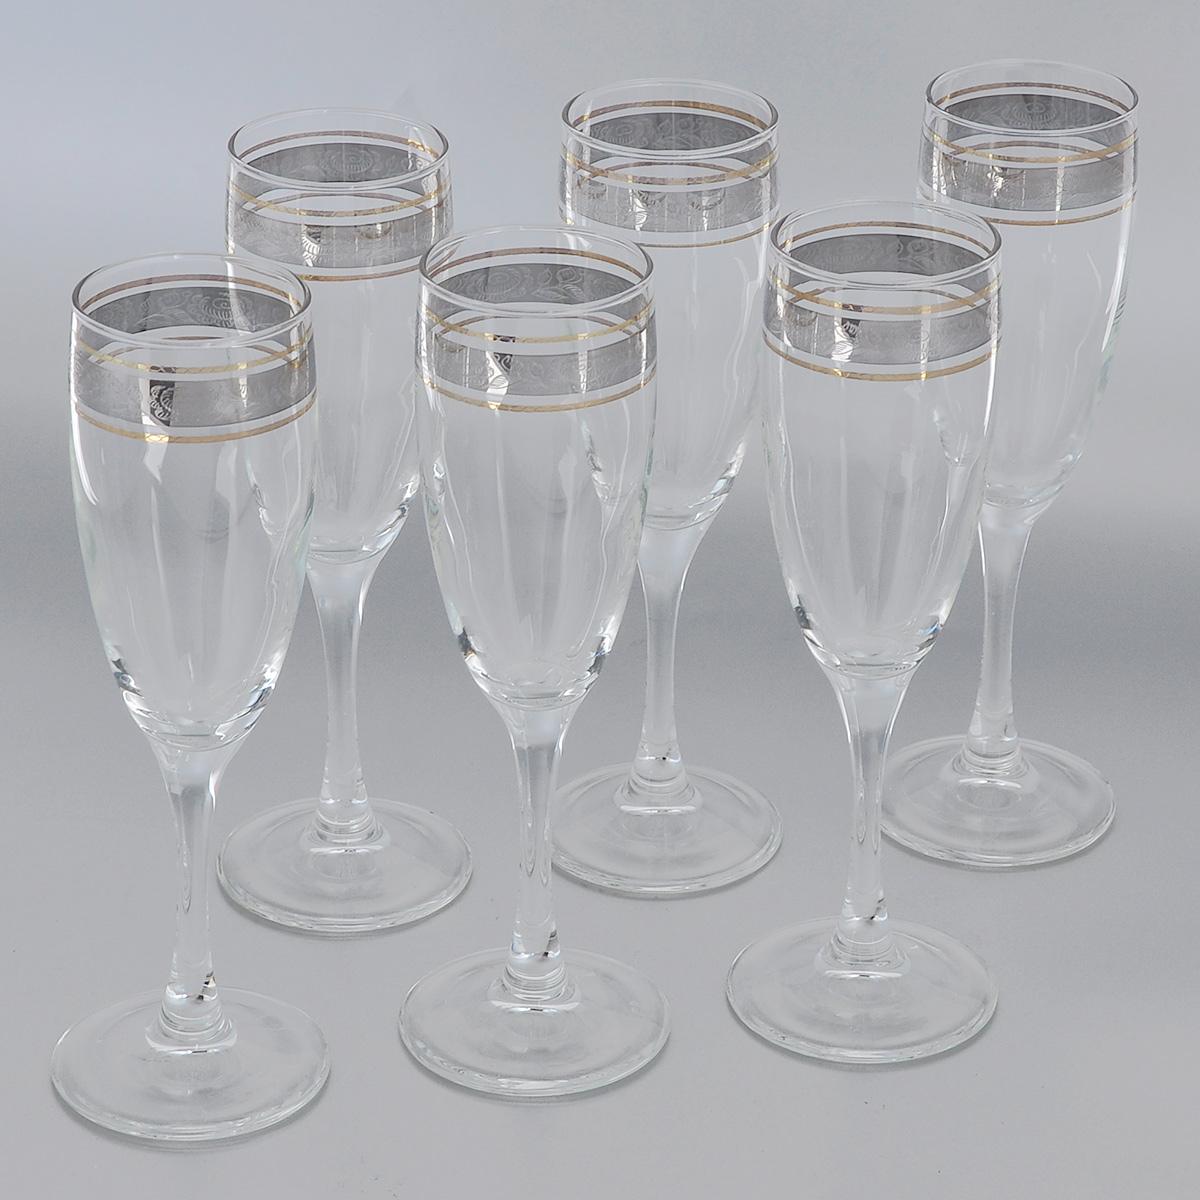 Набор бокалов Гусь-Хрустальный Первоцвет, 170 мл, 6 штTL66-1687Набор Гусь-Хрустальный Первоцвет состоит из 6 бокалов на длинных тонких ножках, изготовленных из высококачественного натрий-кальций-силикатного стекла. Изделия оформлены красивым зеркальным покрытием с прозрачным орнаментом. Бокалы предназначены для шампанского или вина. Такой набор прекрасно дополнит праздничный стол и станет желанным подарком в любом доме. Разрешается мыть в посудомоечной машине. Диаметр бокала (по верхнему краю): 5 см. Высота бокала: 20 см.